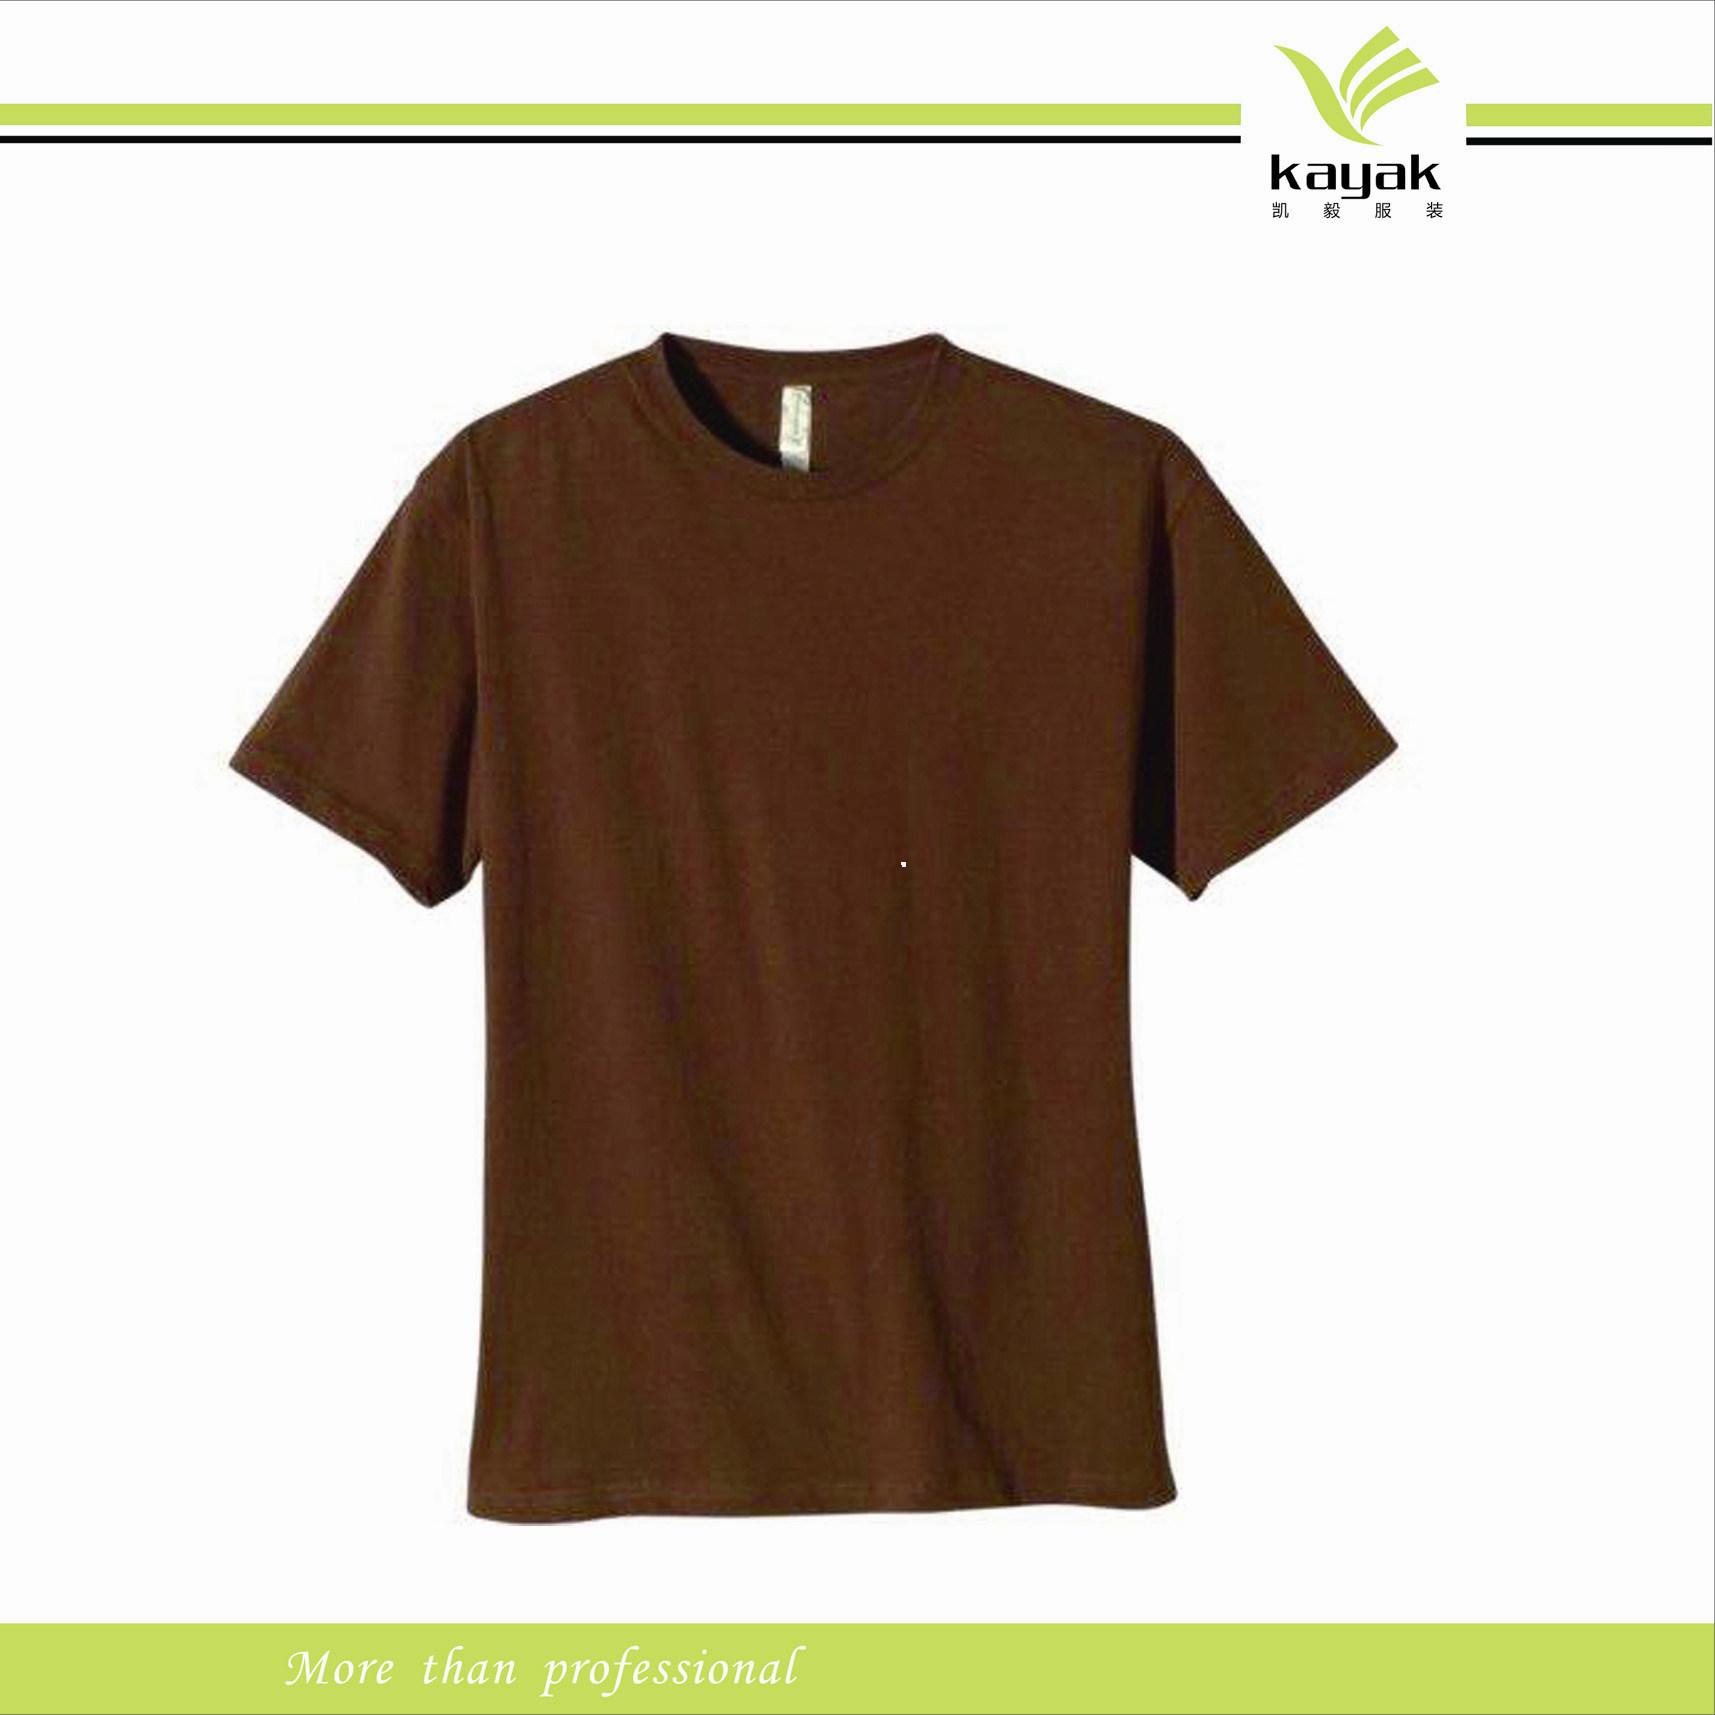 China custom tshirts manufacturer in guangzhou china t for T shirt distributor manufacturers